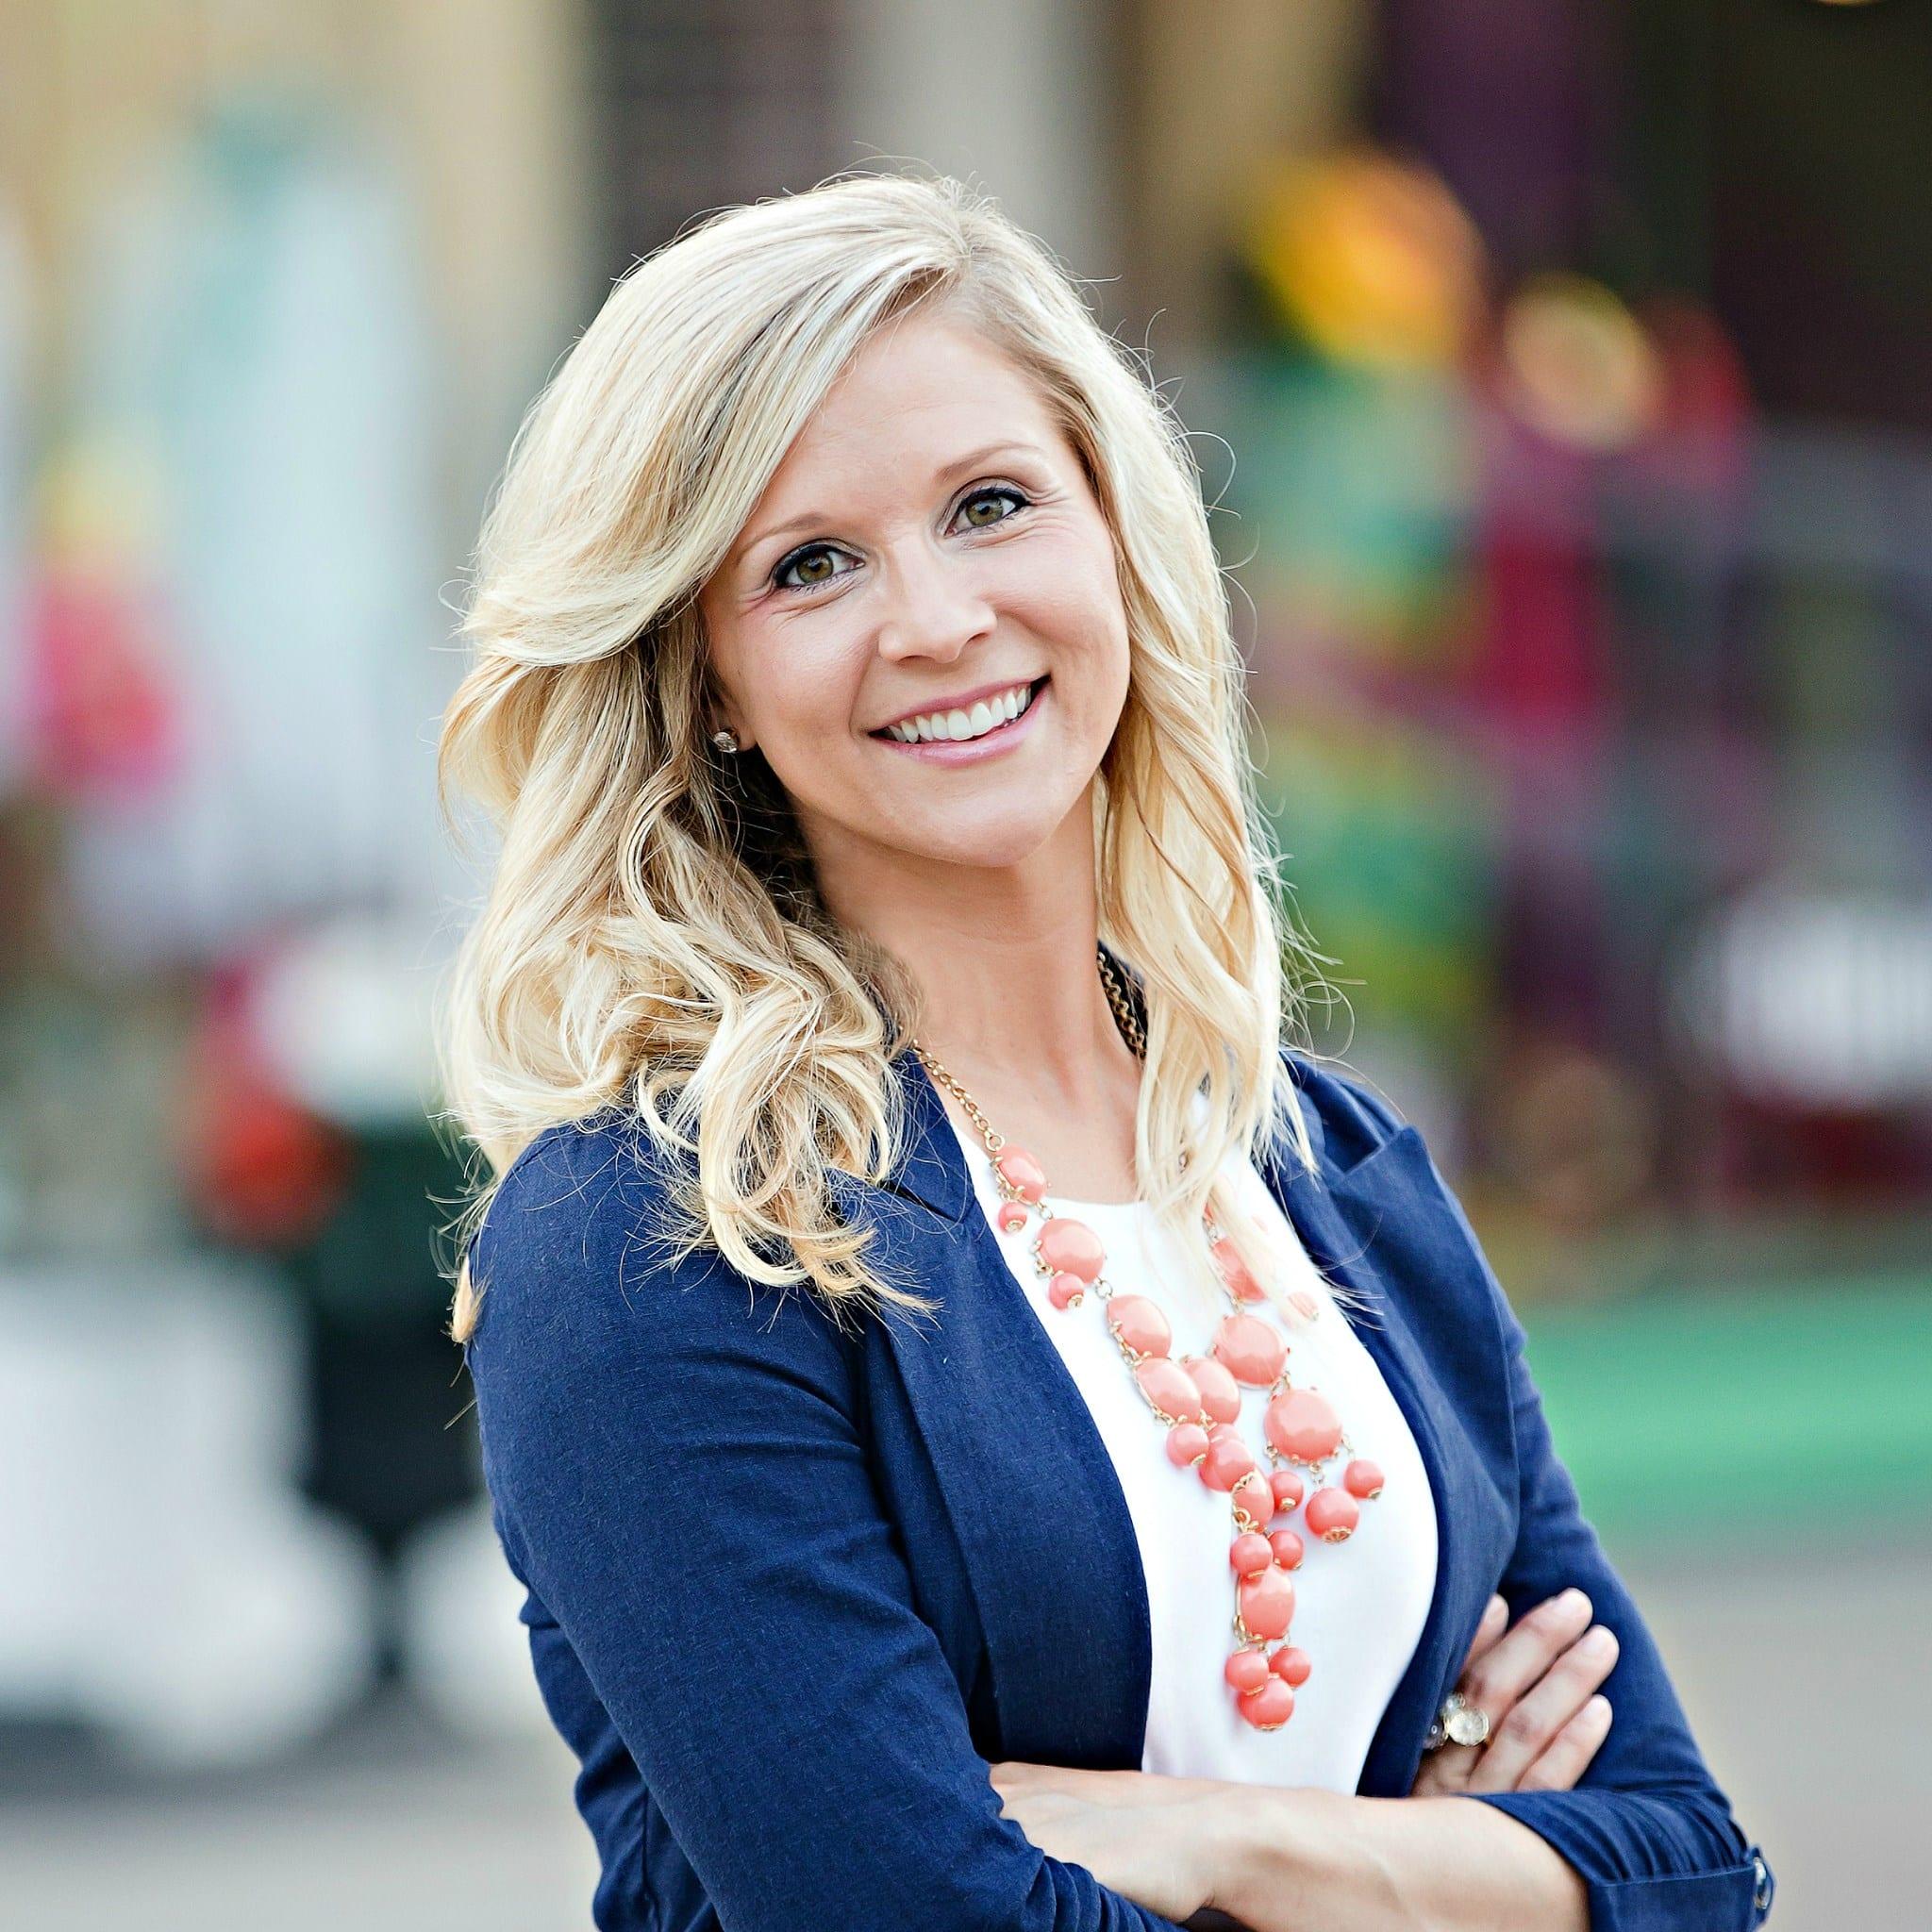 Sarah Swafford